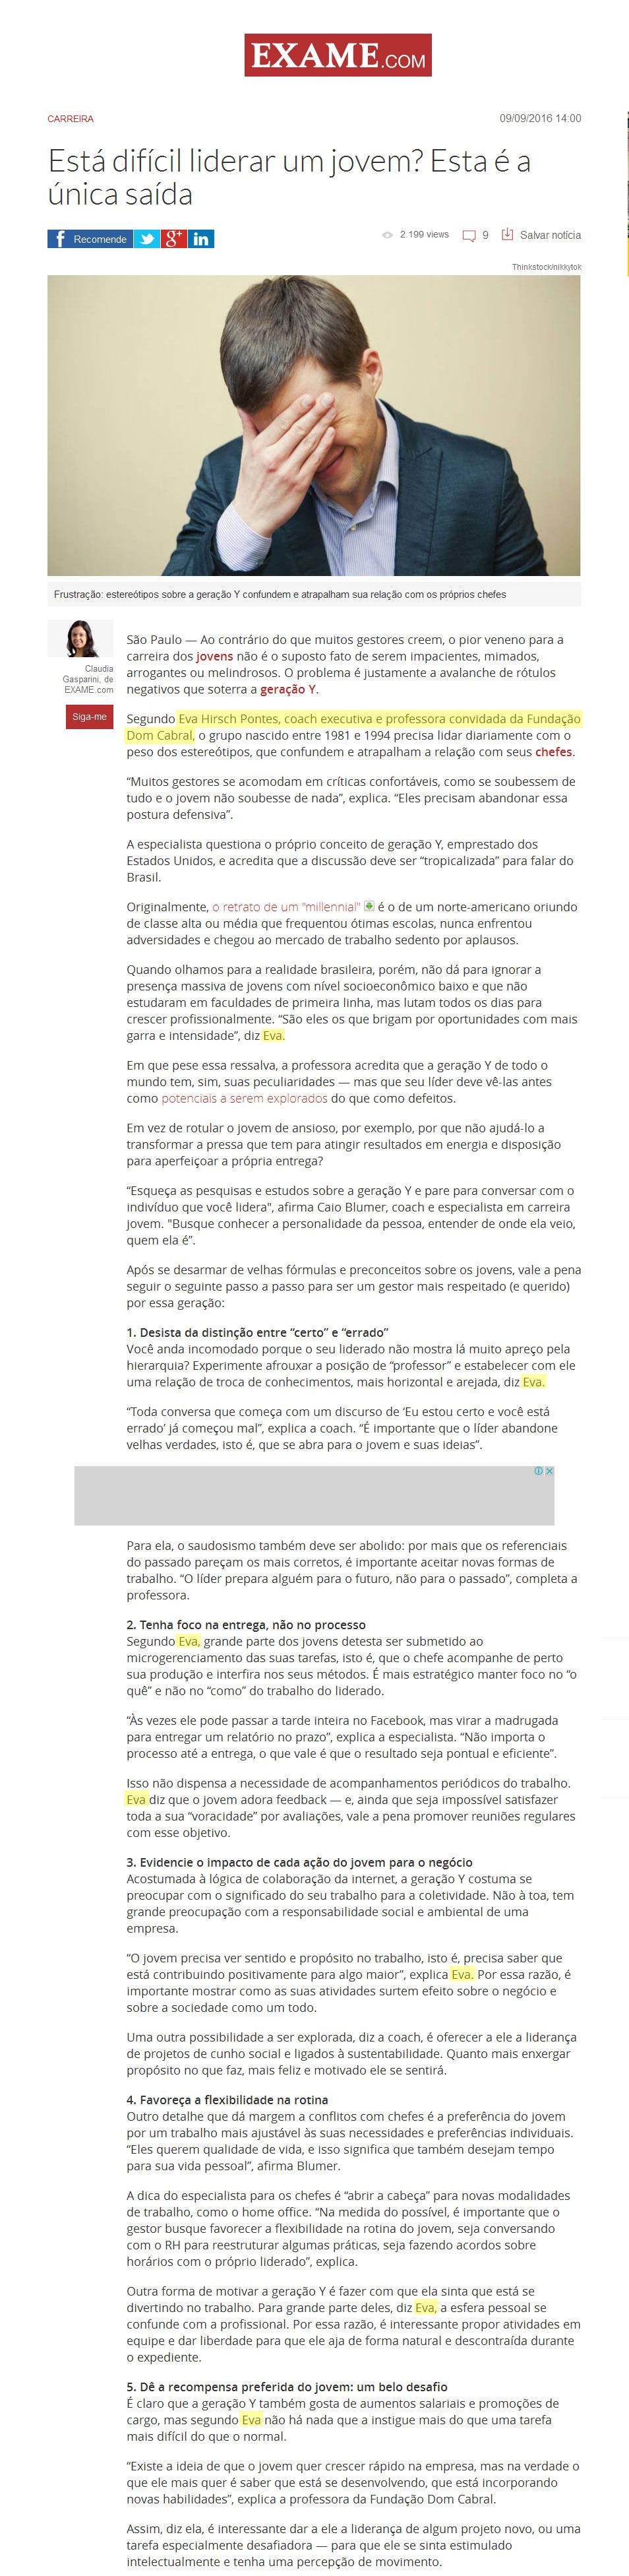 portal-exame_carreira_9_9_2016